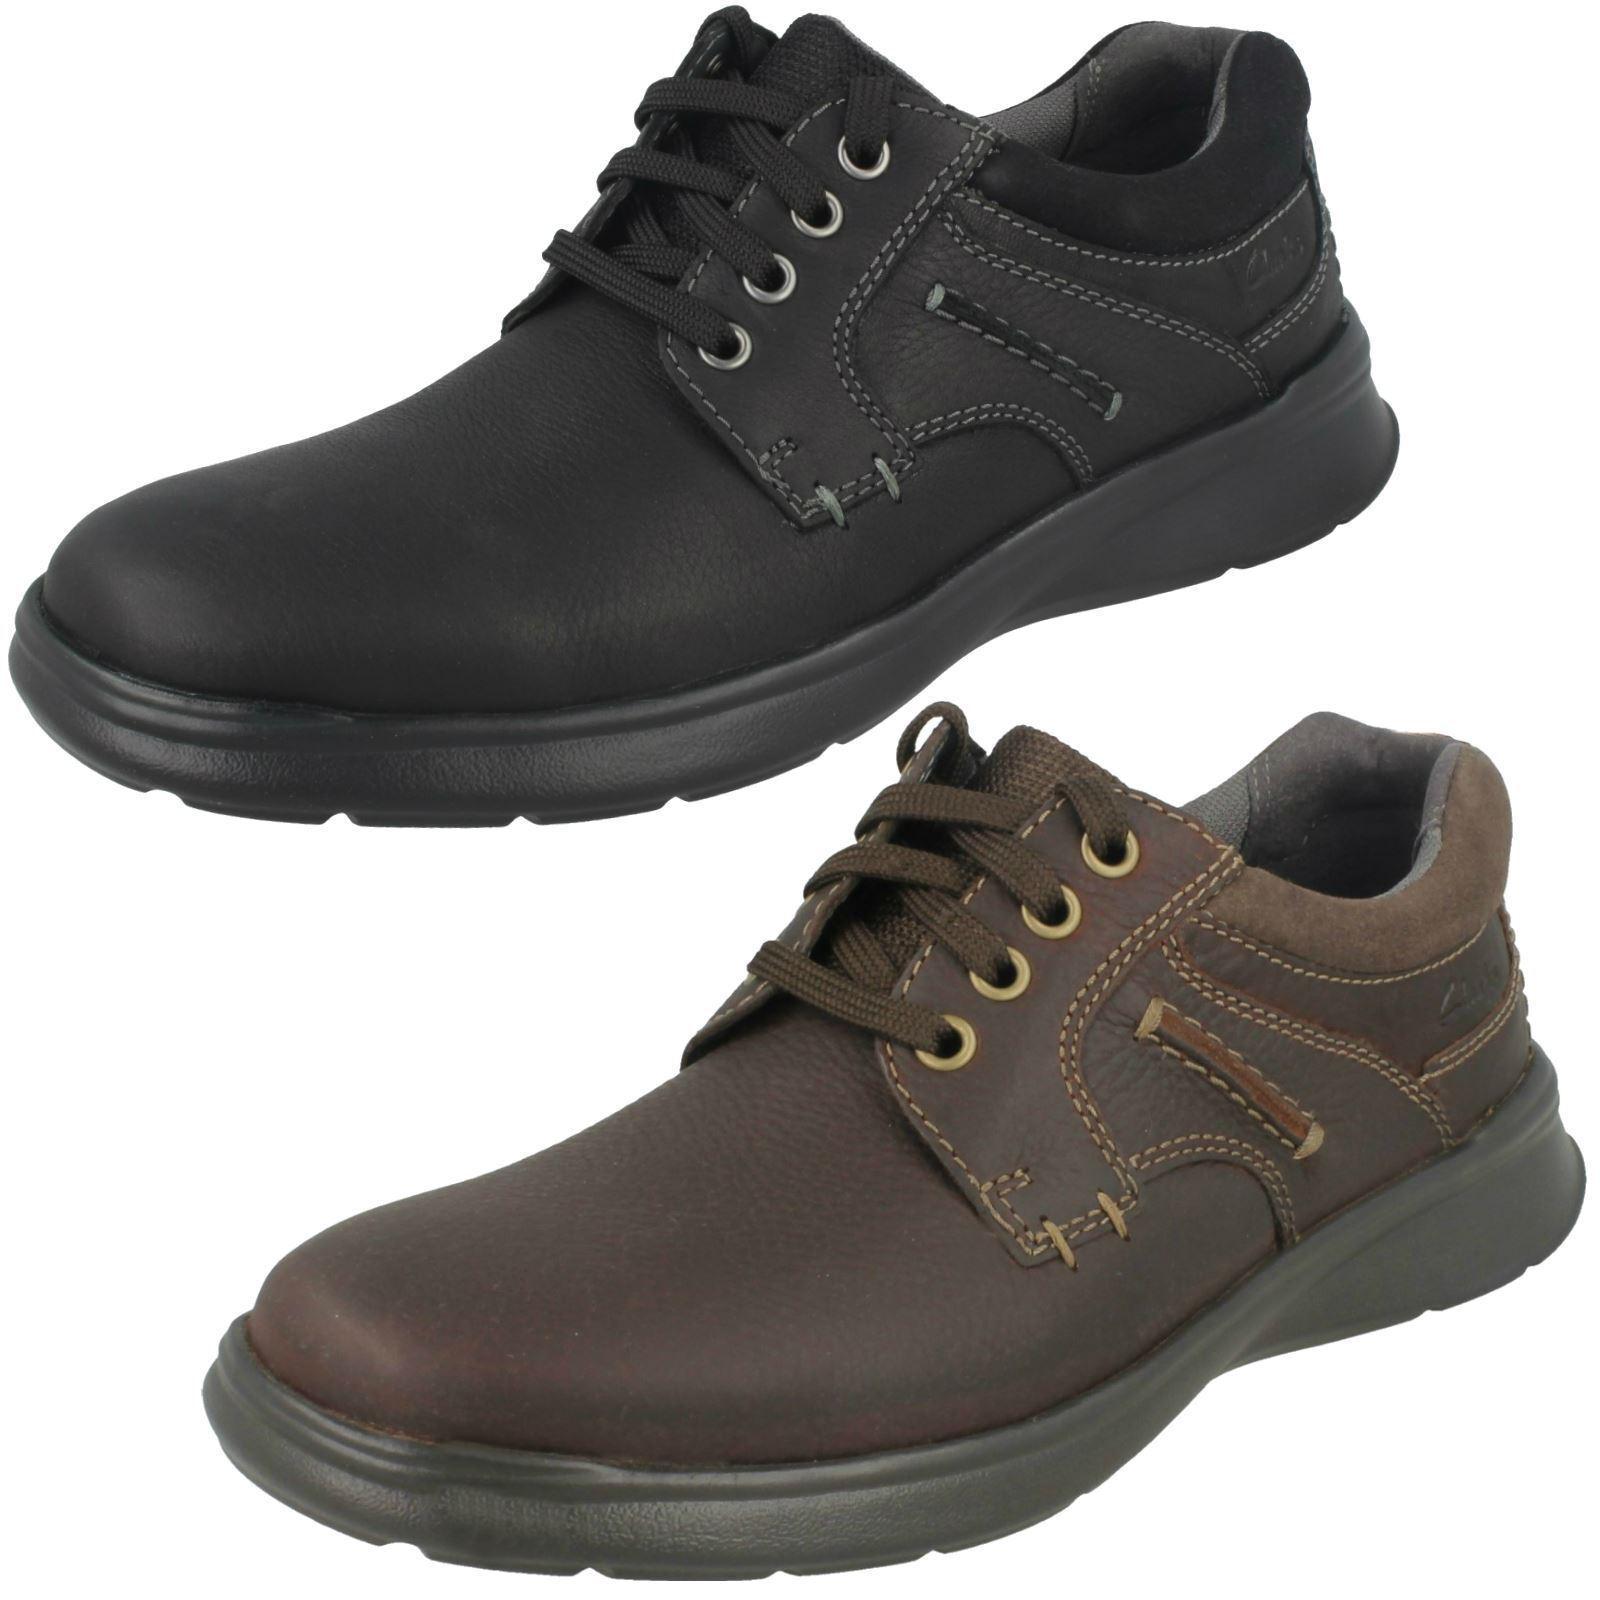 Gran descuento Hombre CLARKS cotrell Liso aceitoso Zapatos De Cuero Casuales Con Cordones G &